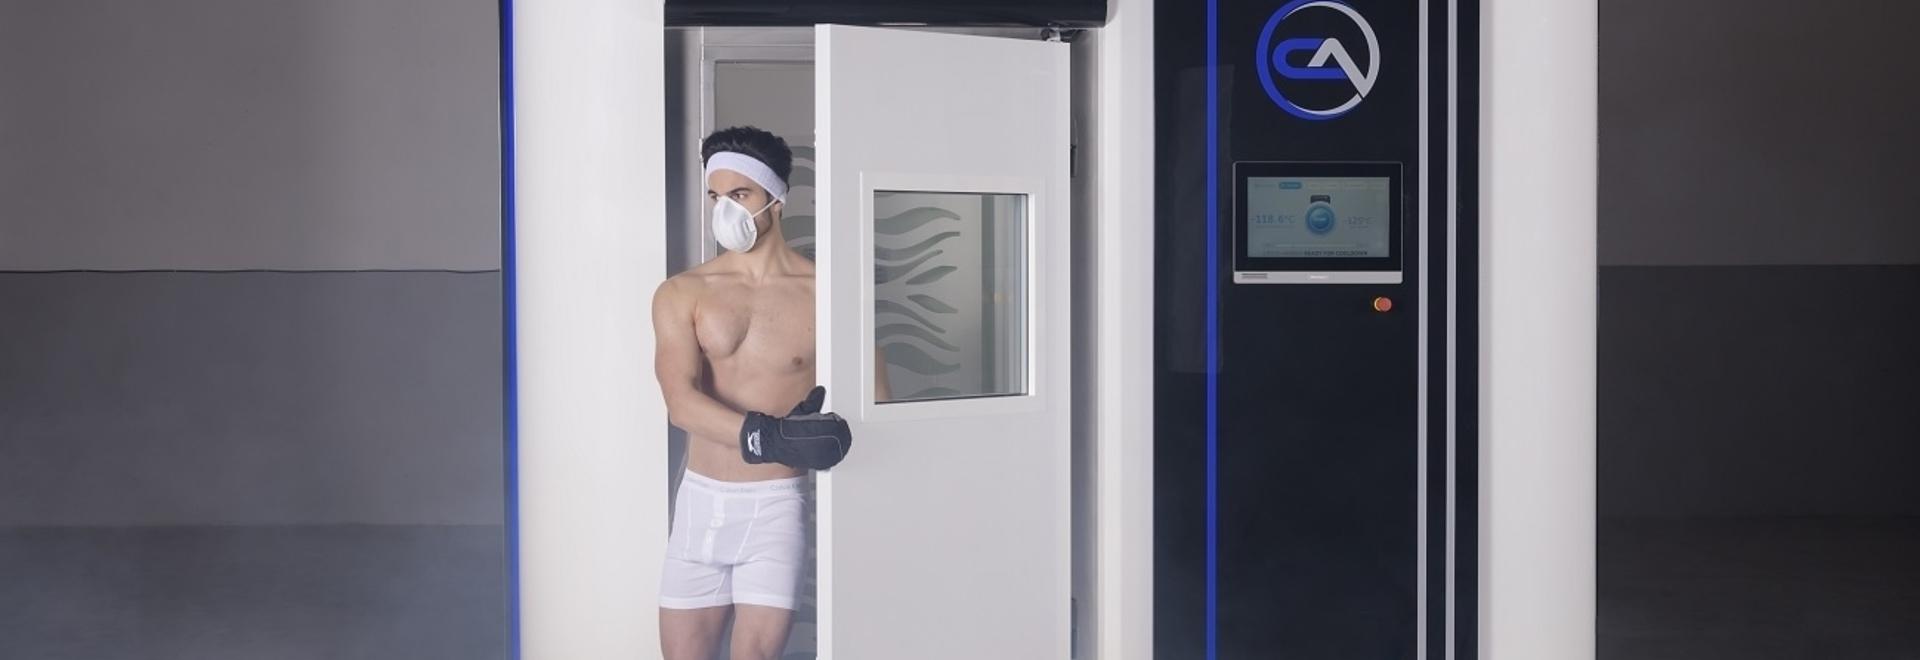 L'esposizione della pelle a temperature estremamente fredde porta una serie di reazioni fisiologiche che aiutano il corpo a ripararsi e a rinvigorirsi